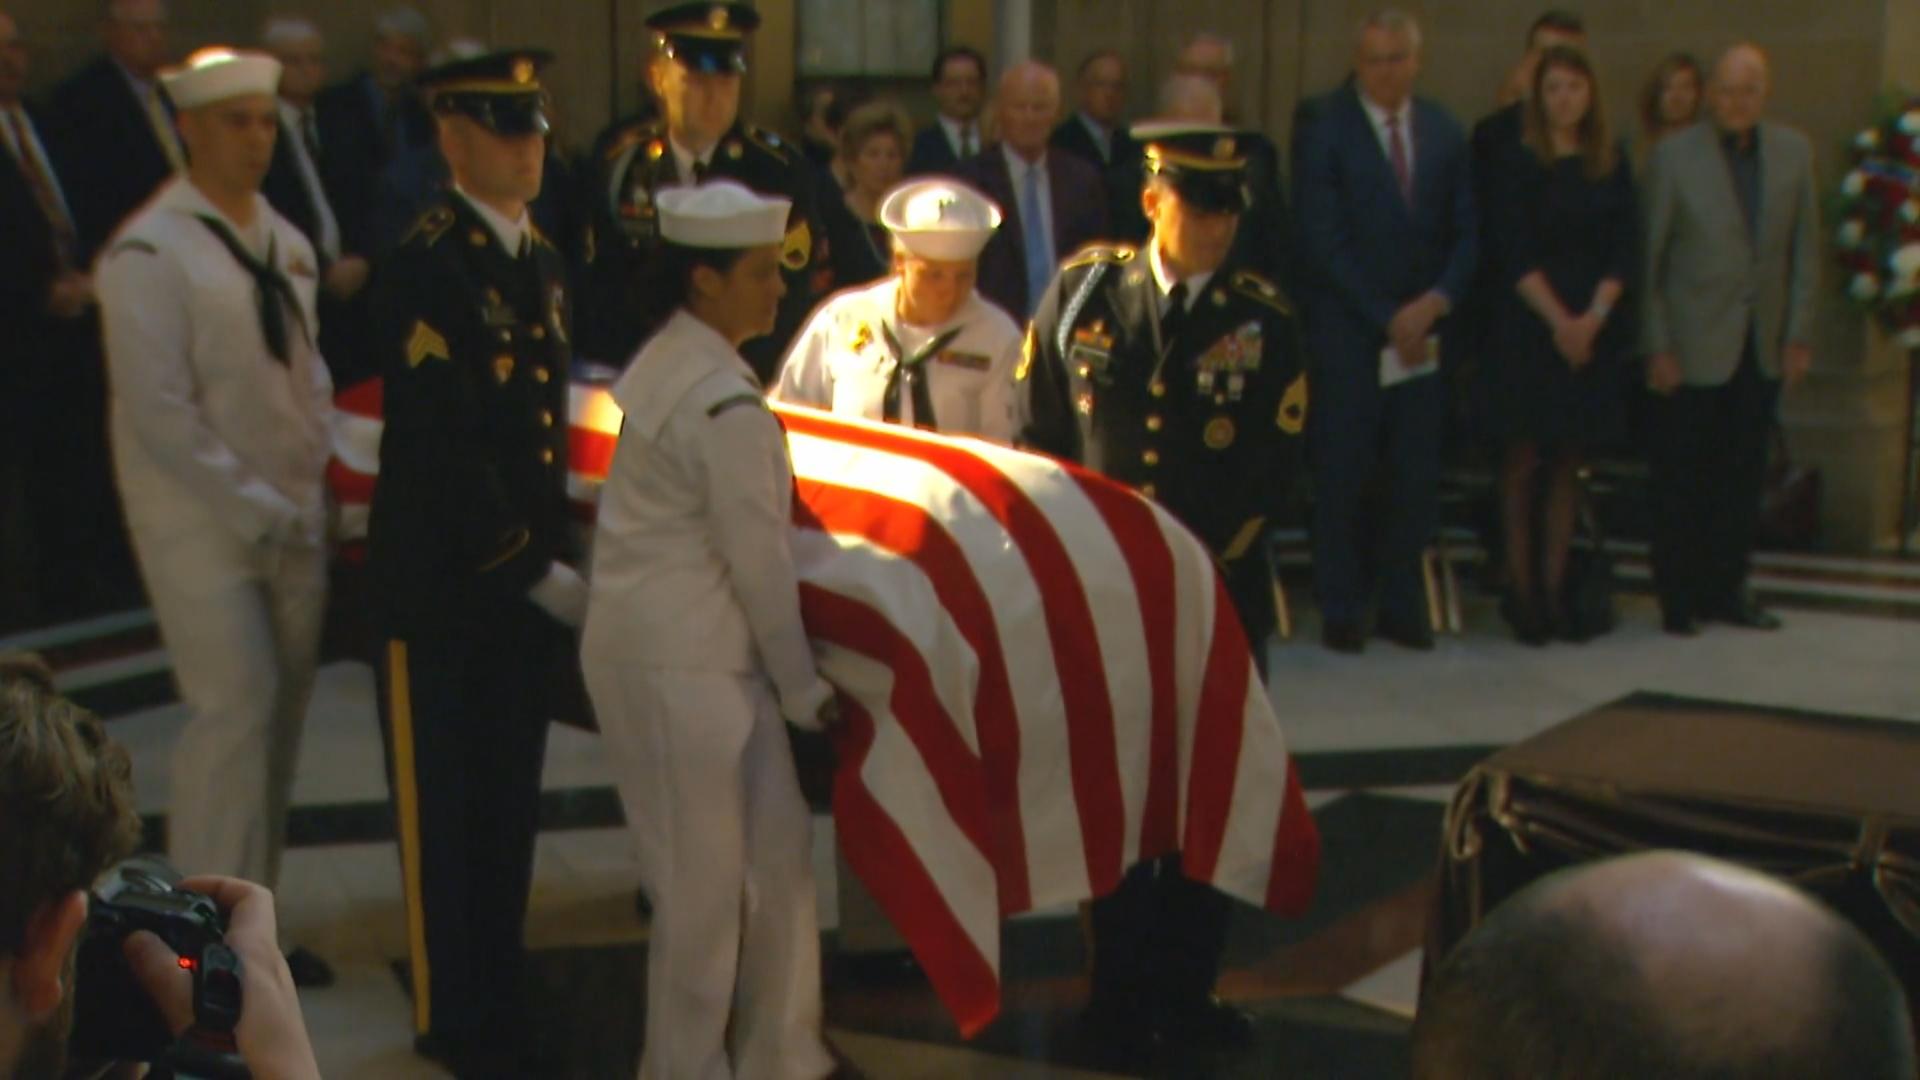 US Sen. Richard Lugar lies in repose in Indiana Statehouse